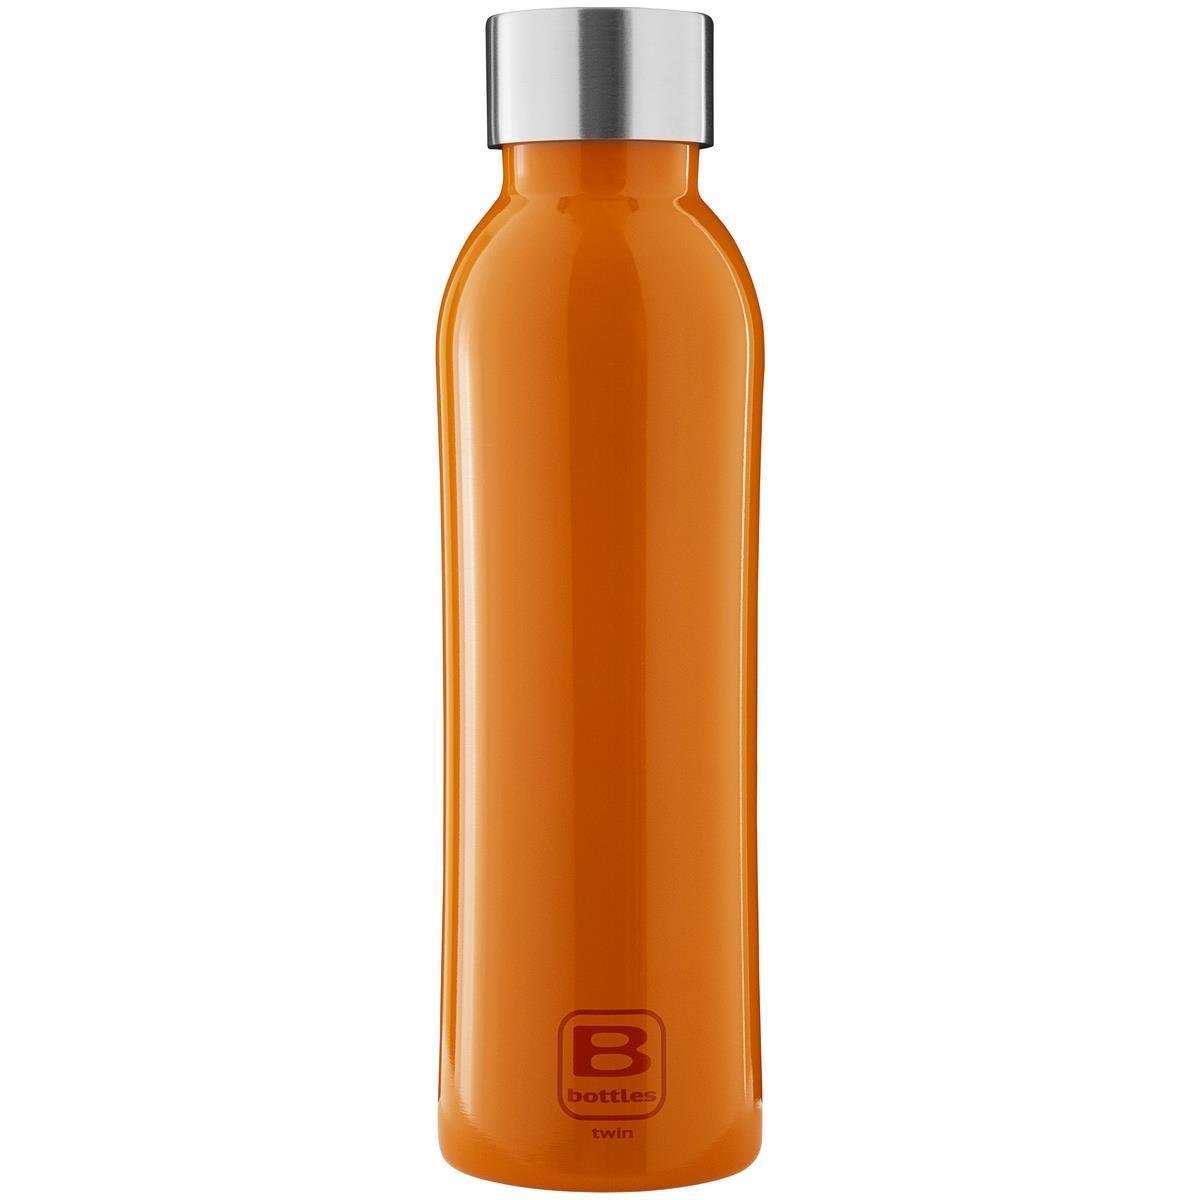 B Bottles Twin - Orange Lucido - 500 ml - Bottiglia Termica a doppia parete in acciaio inox 18/10